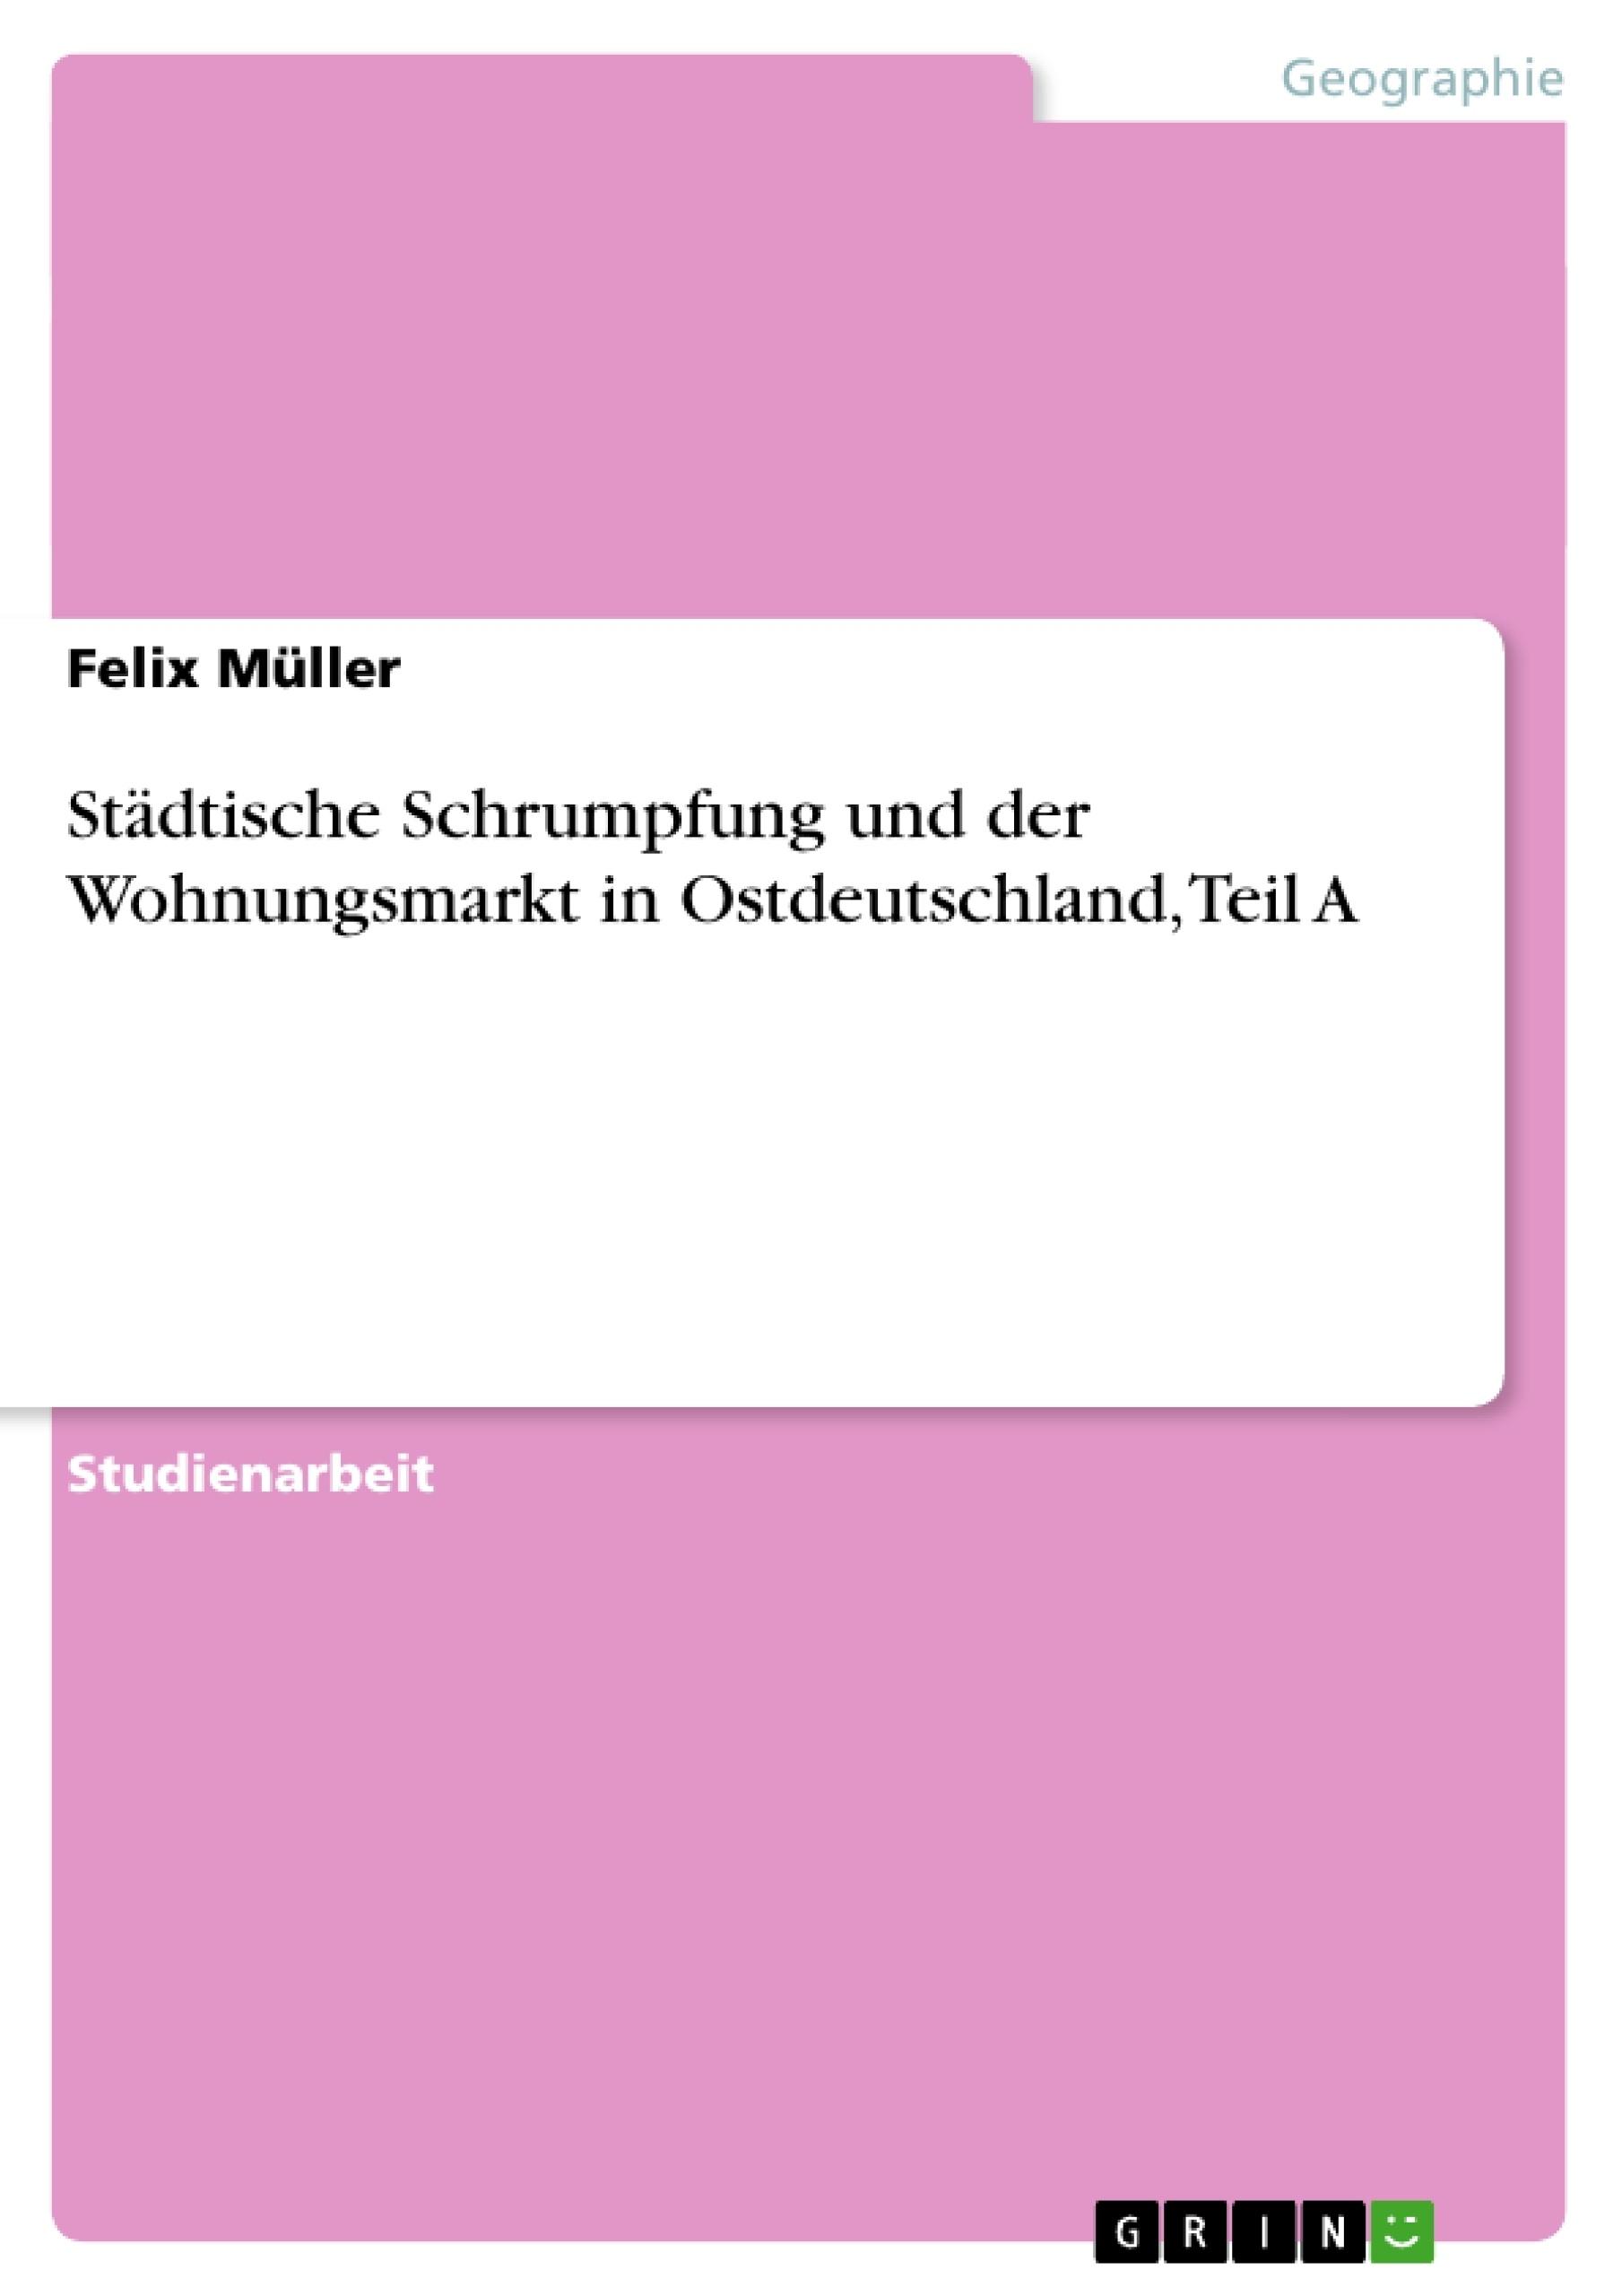 Titel: Städtische Schrumpfung und der Wohnungsmarkt in Ostdeutschland, Teil A